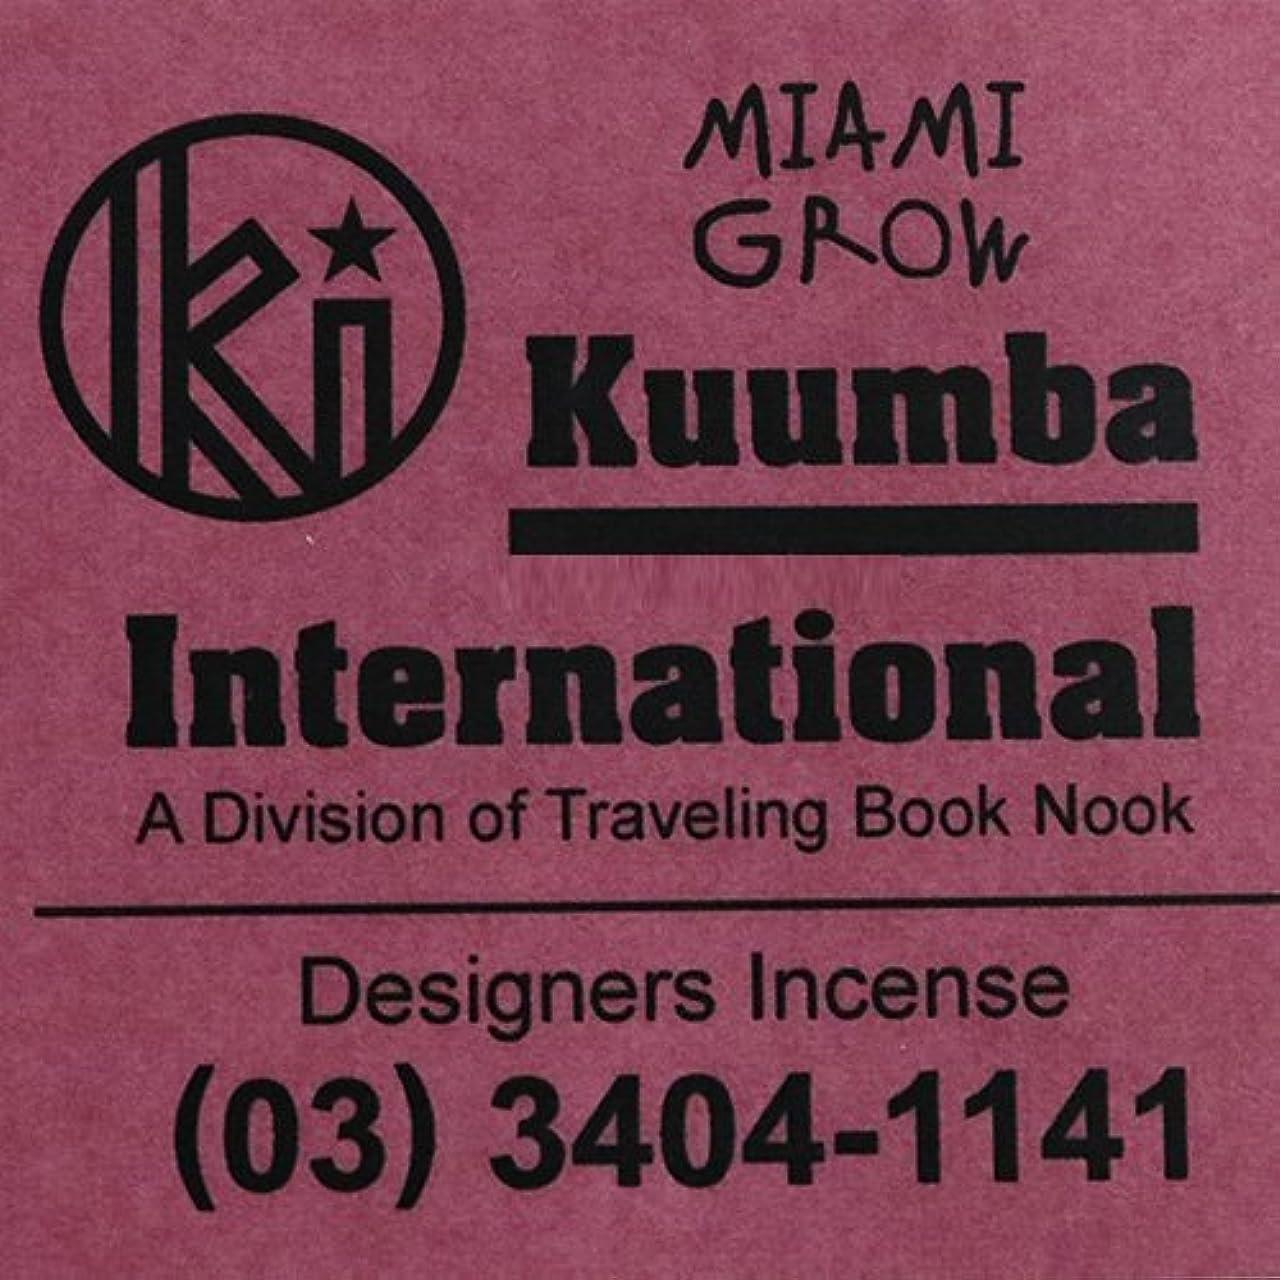 ポルノやりがいのある構築する(クンバ) KUUMBA『incense』(MIAMI GROW) (Regular size)